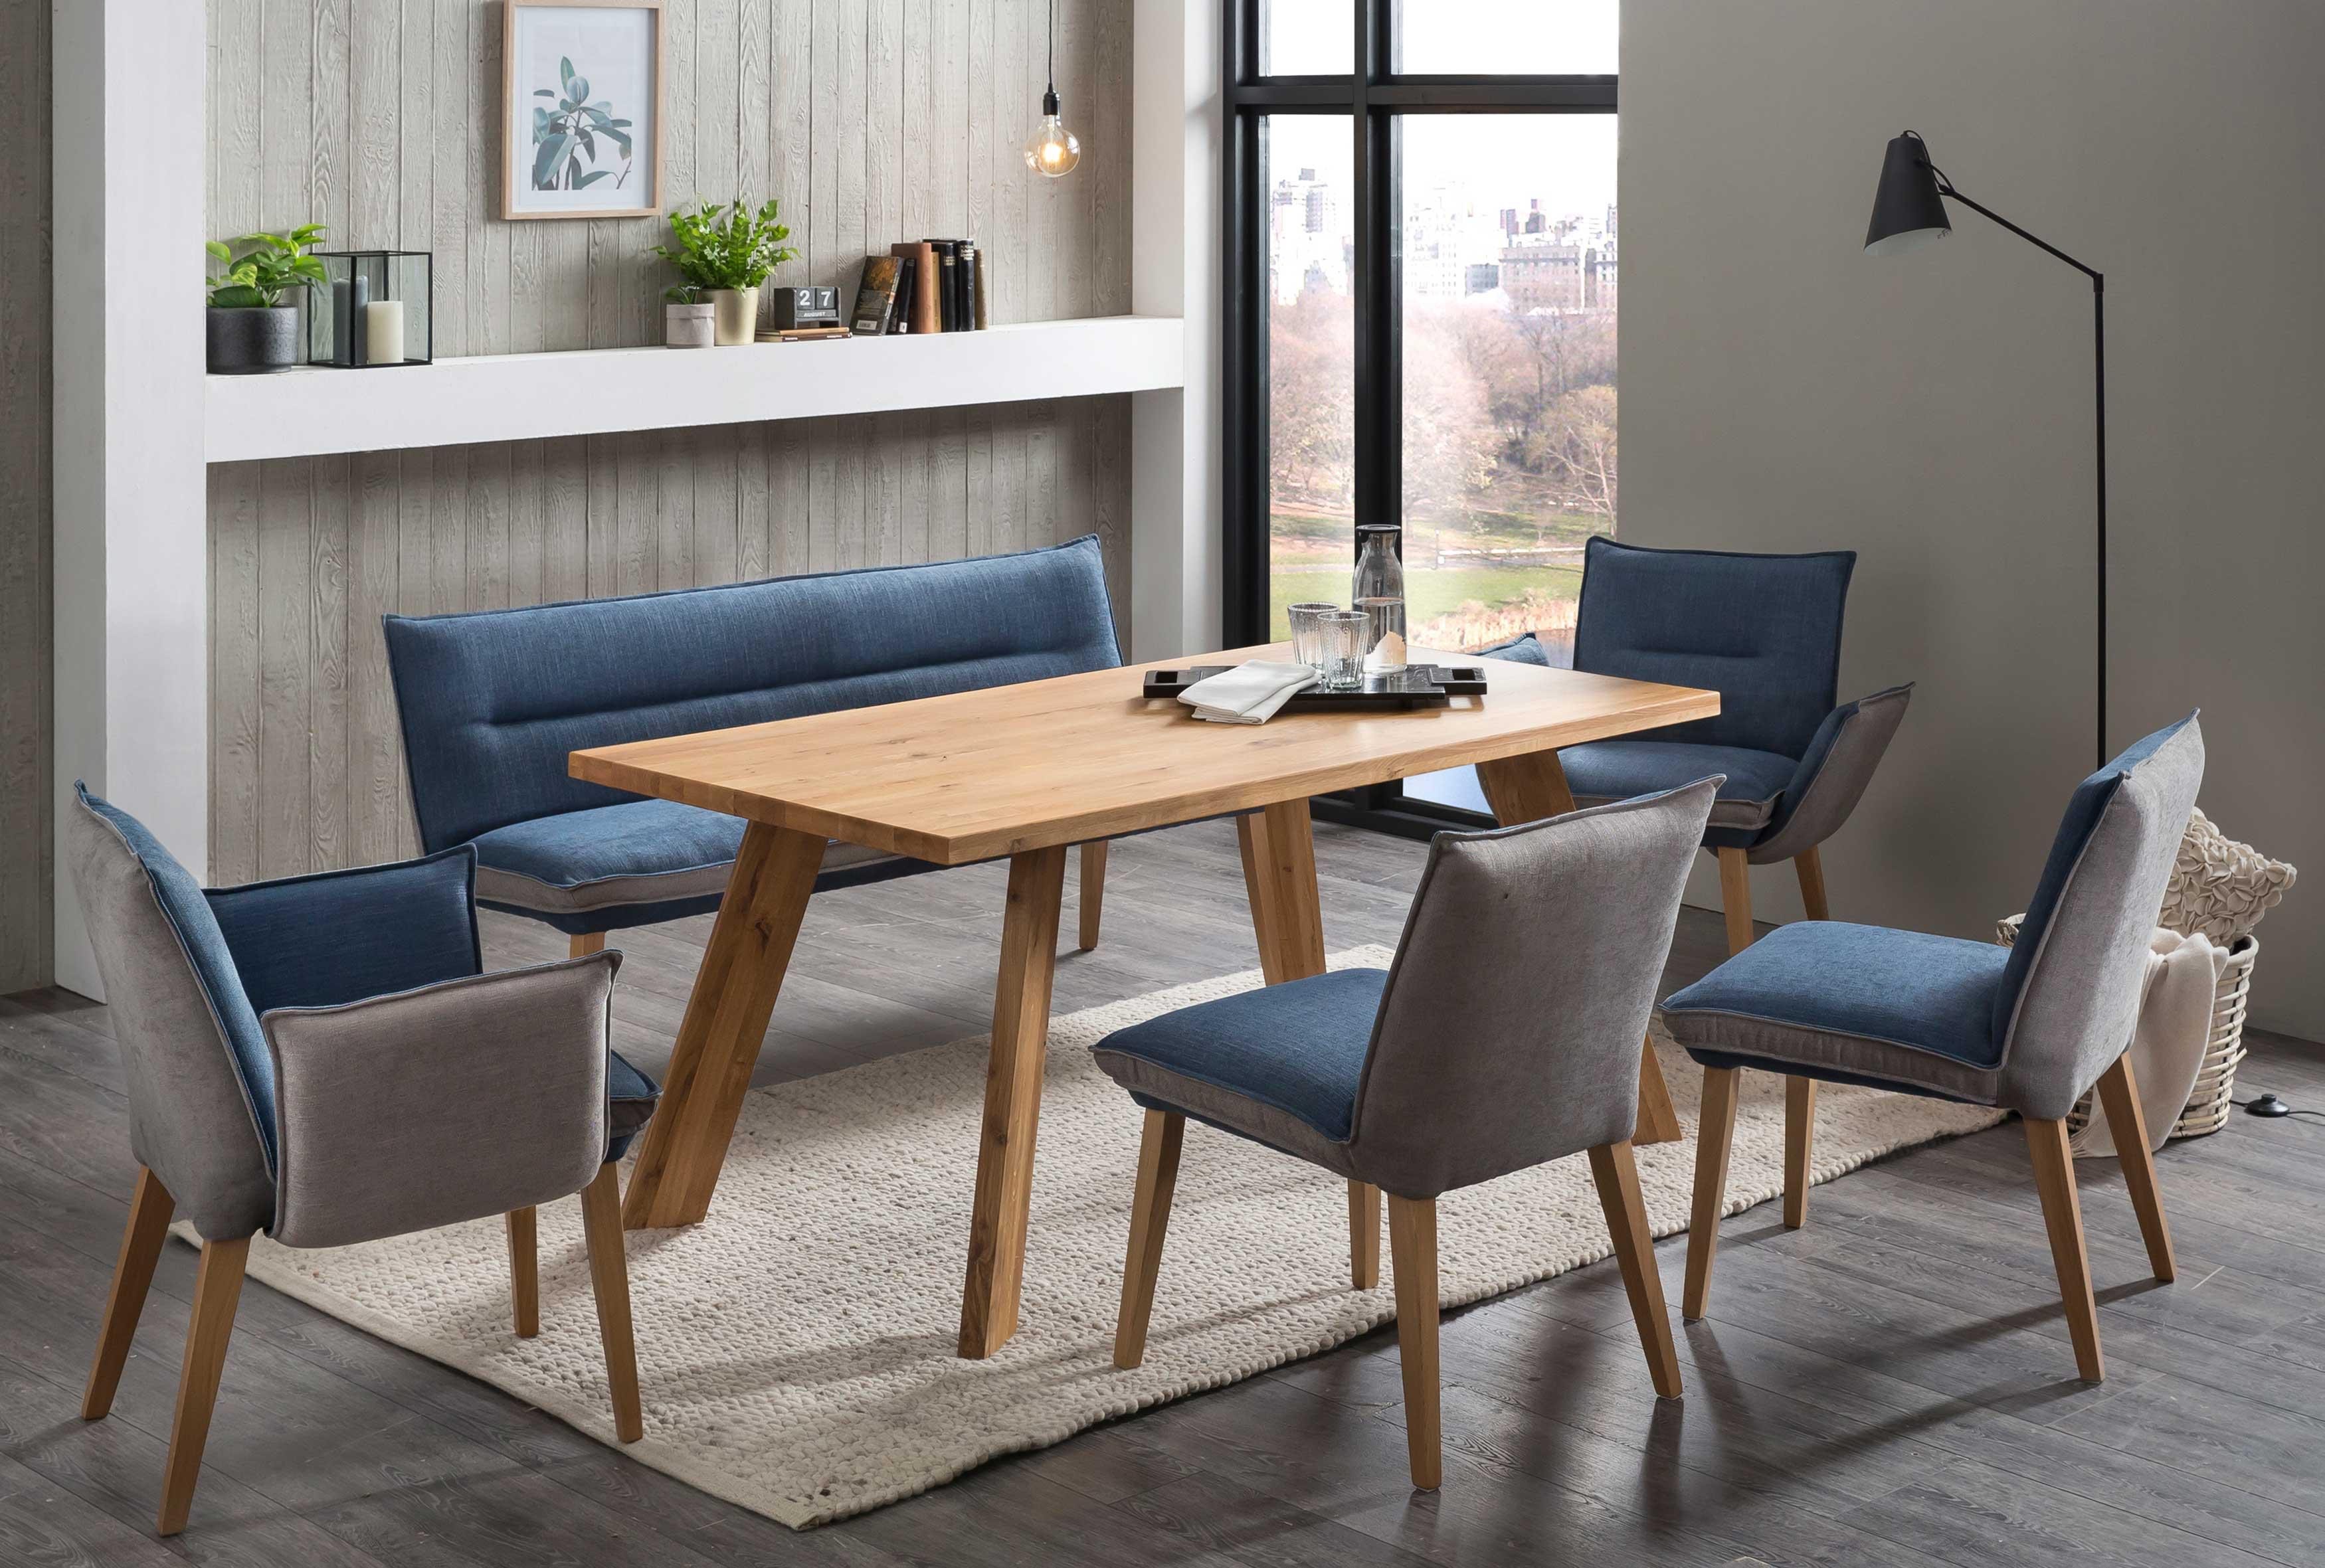 Standard Furniture Tischgruppe mit Mumbai Massivholztisch und Stühlen Genua eiche